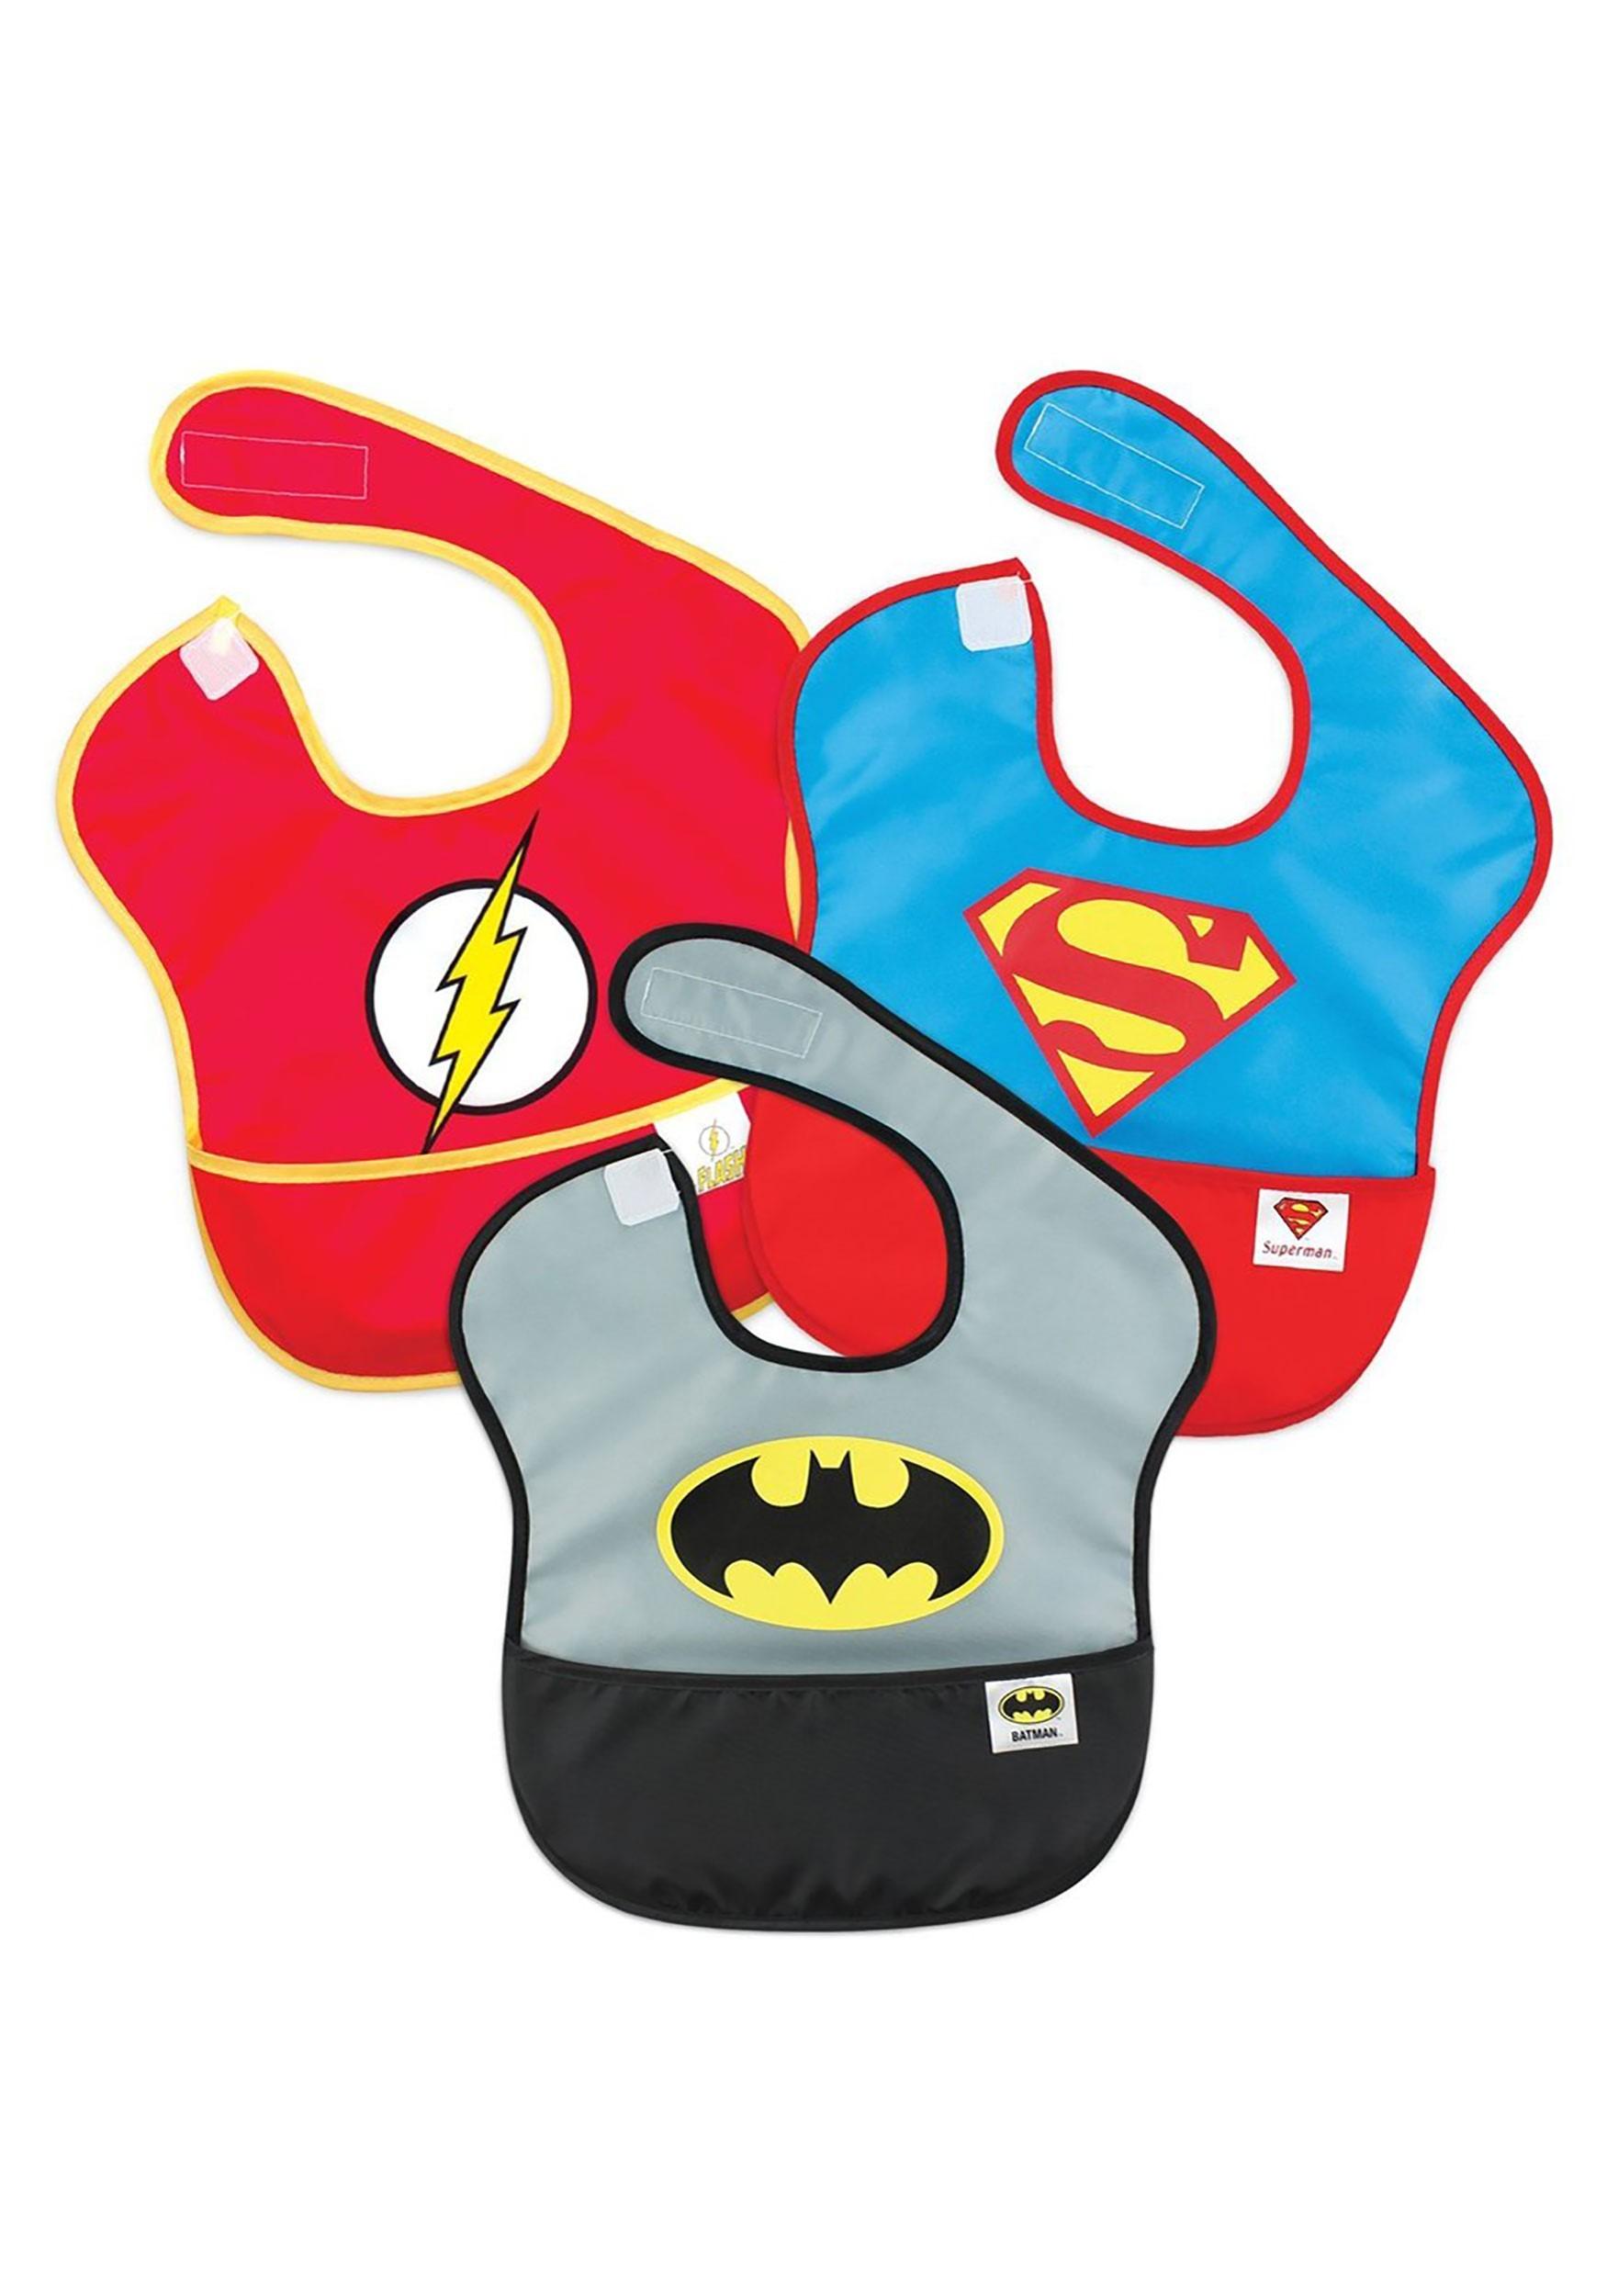 The Justice League SuperBib 3 Pack- Batman, Superman, The Flash (6-24 months)